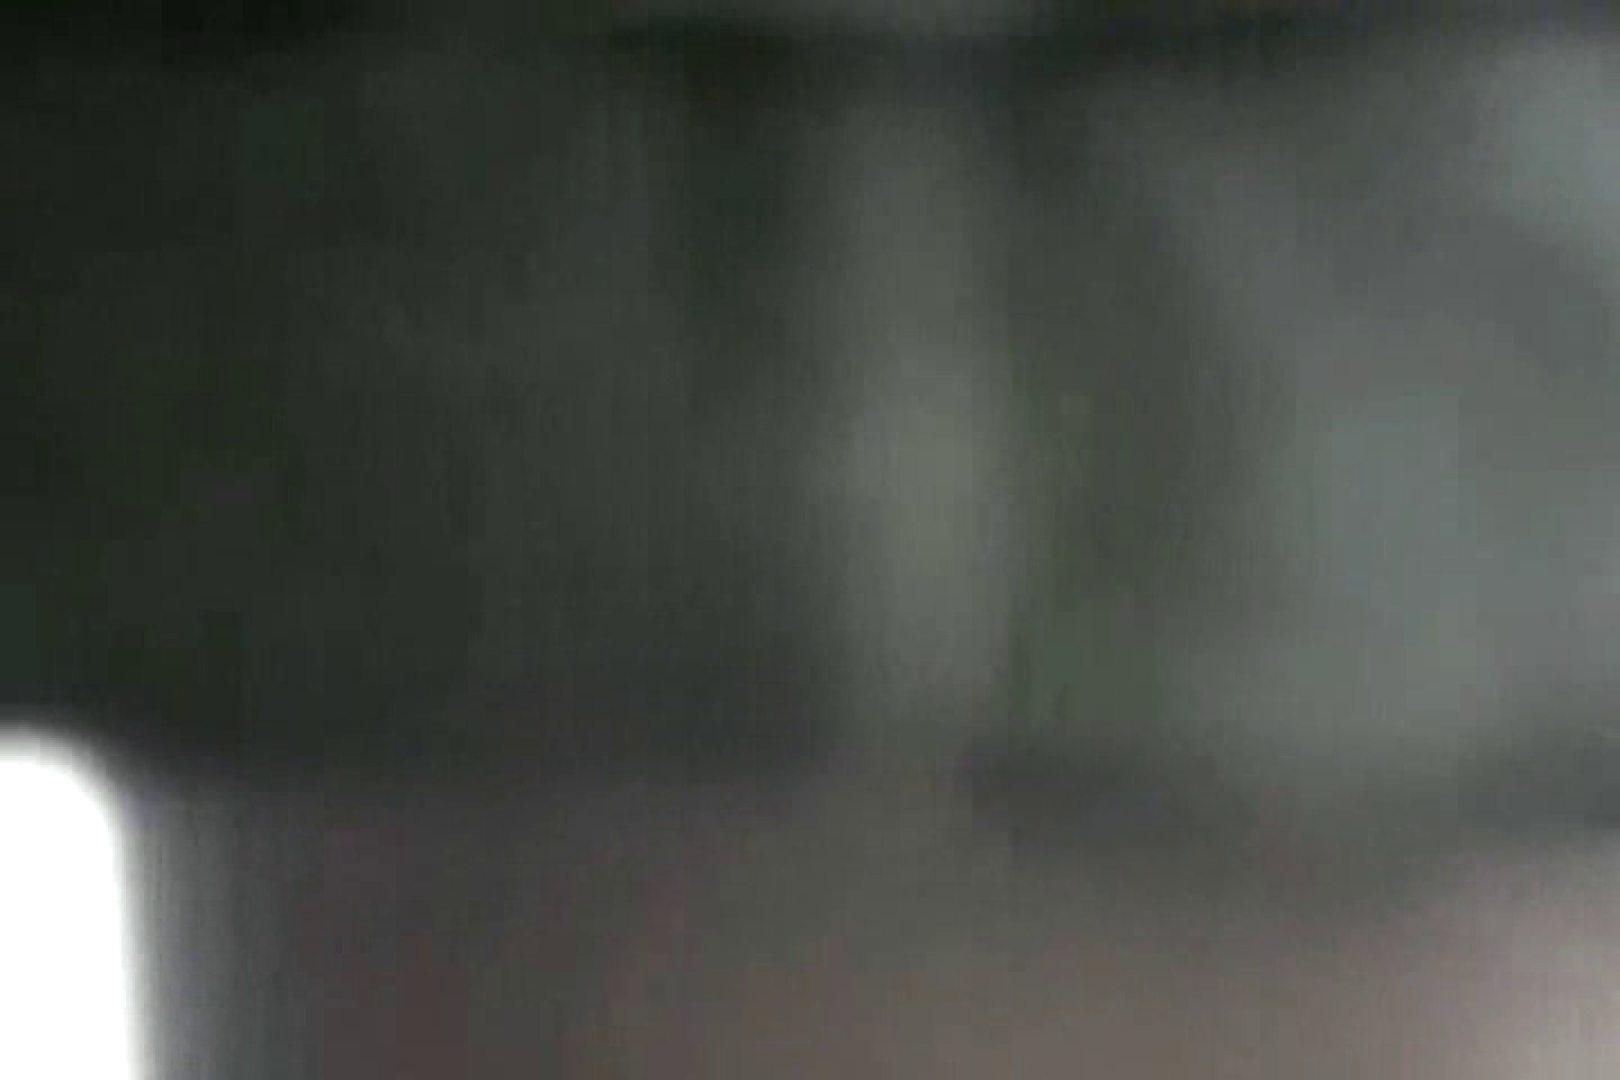 ぼっとん洗面所スペシャルVol.12 エロティックなOL  99画像 72